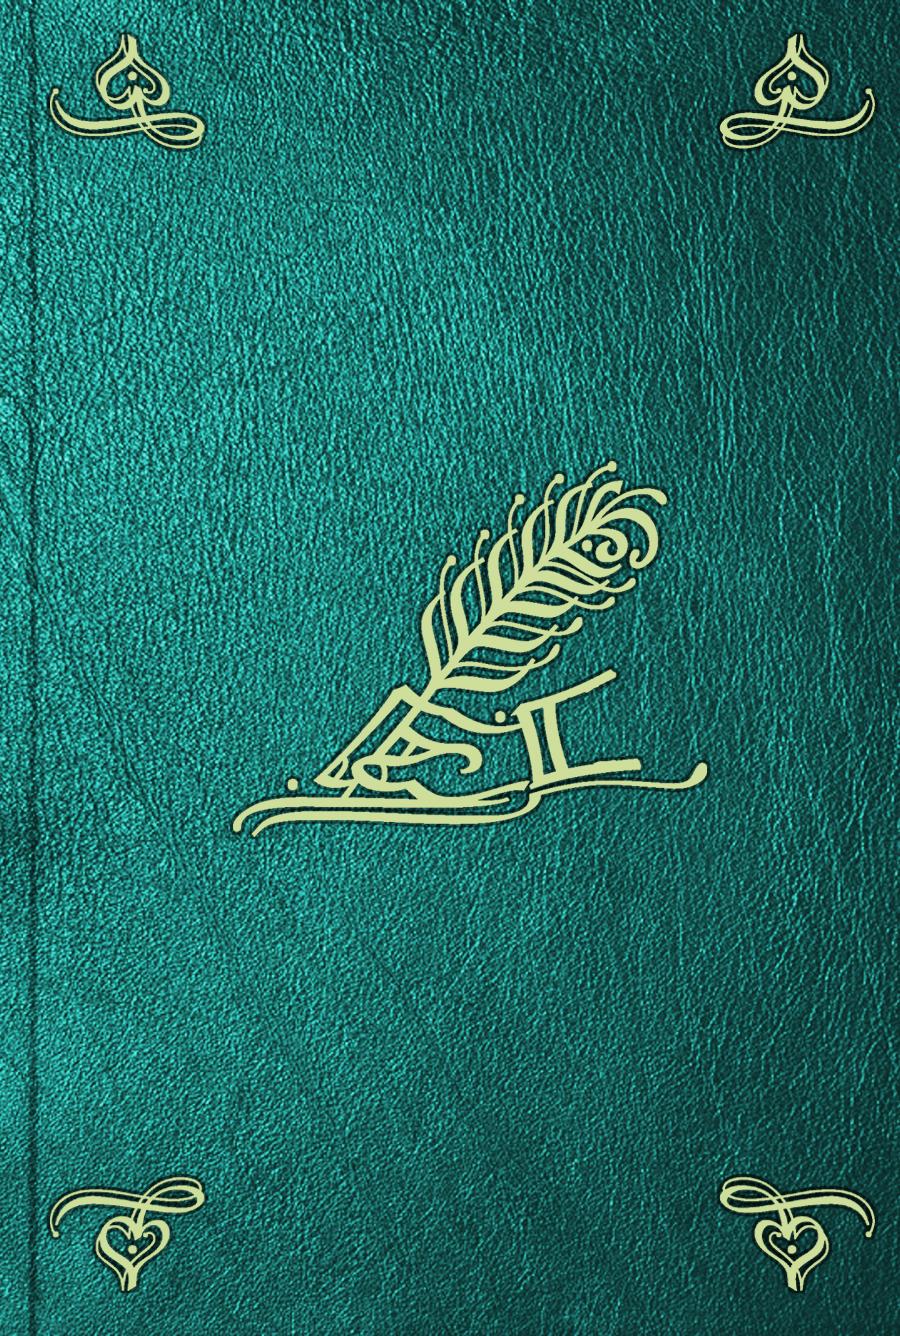 Pierre Loius Ginguené Storia della letteratura italiana. T. 1 pierre loius ginguené storia della letteratura italiana t 1